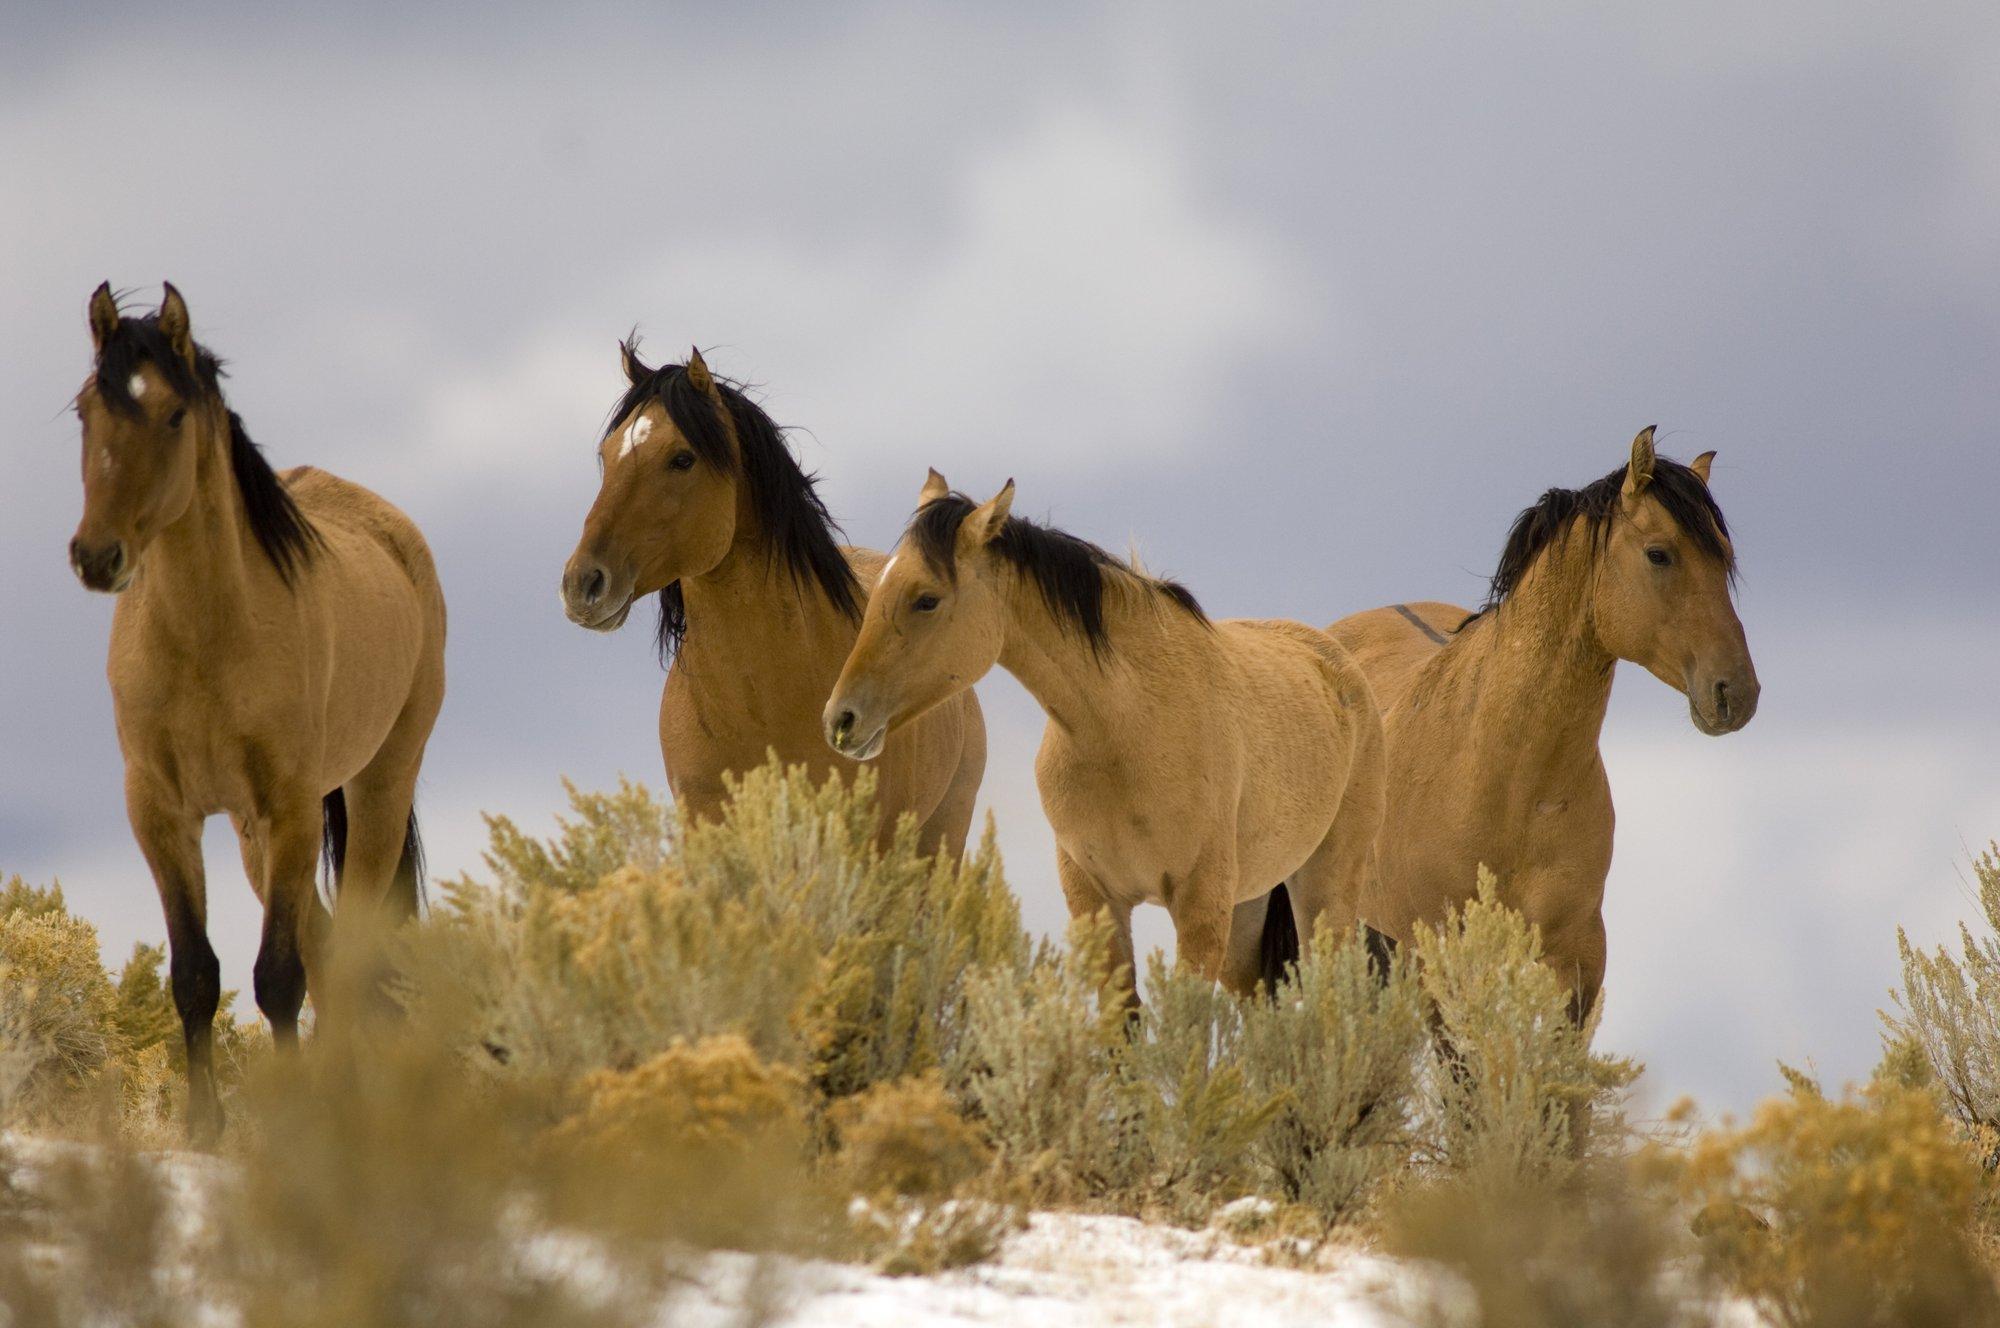 Bureau of land management ends plan to sterilize wild horses